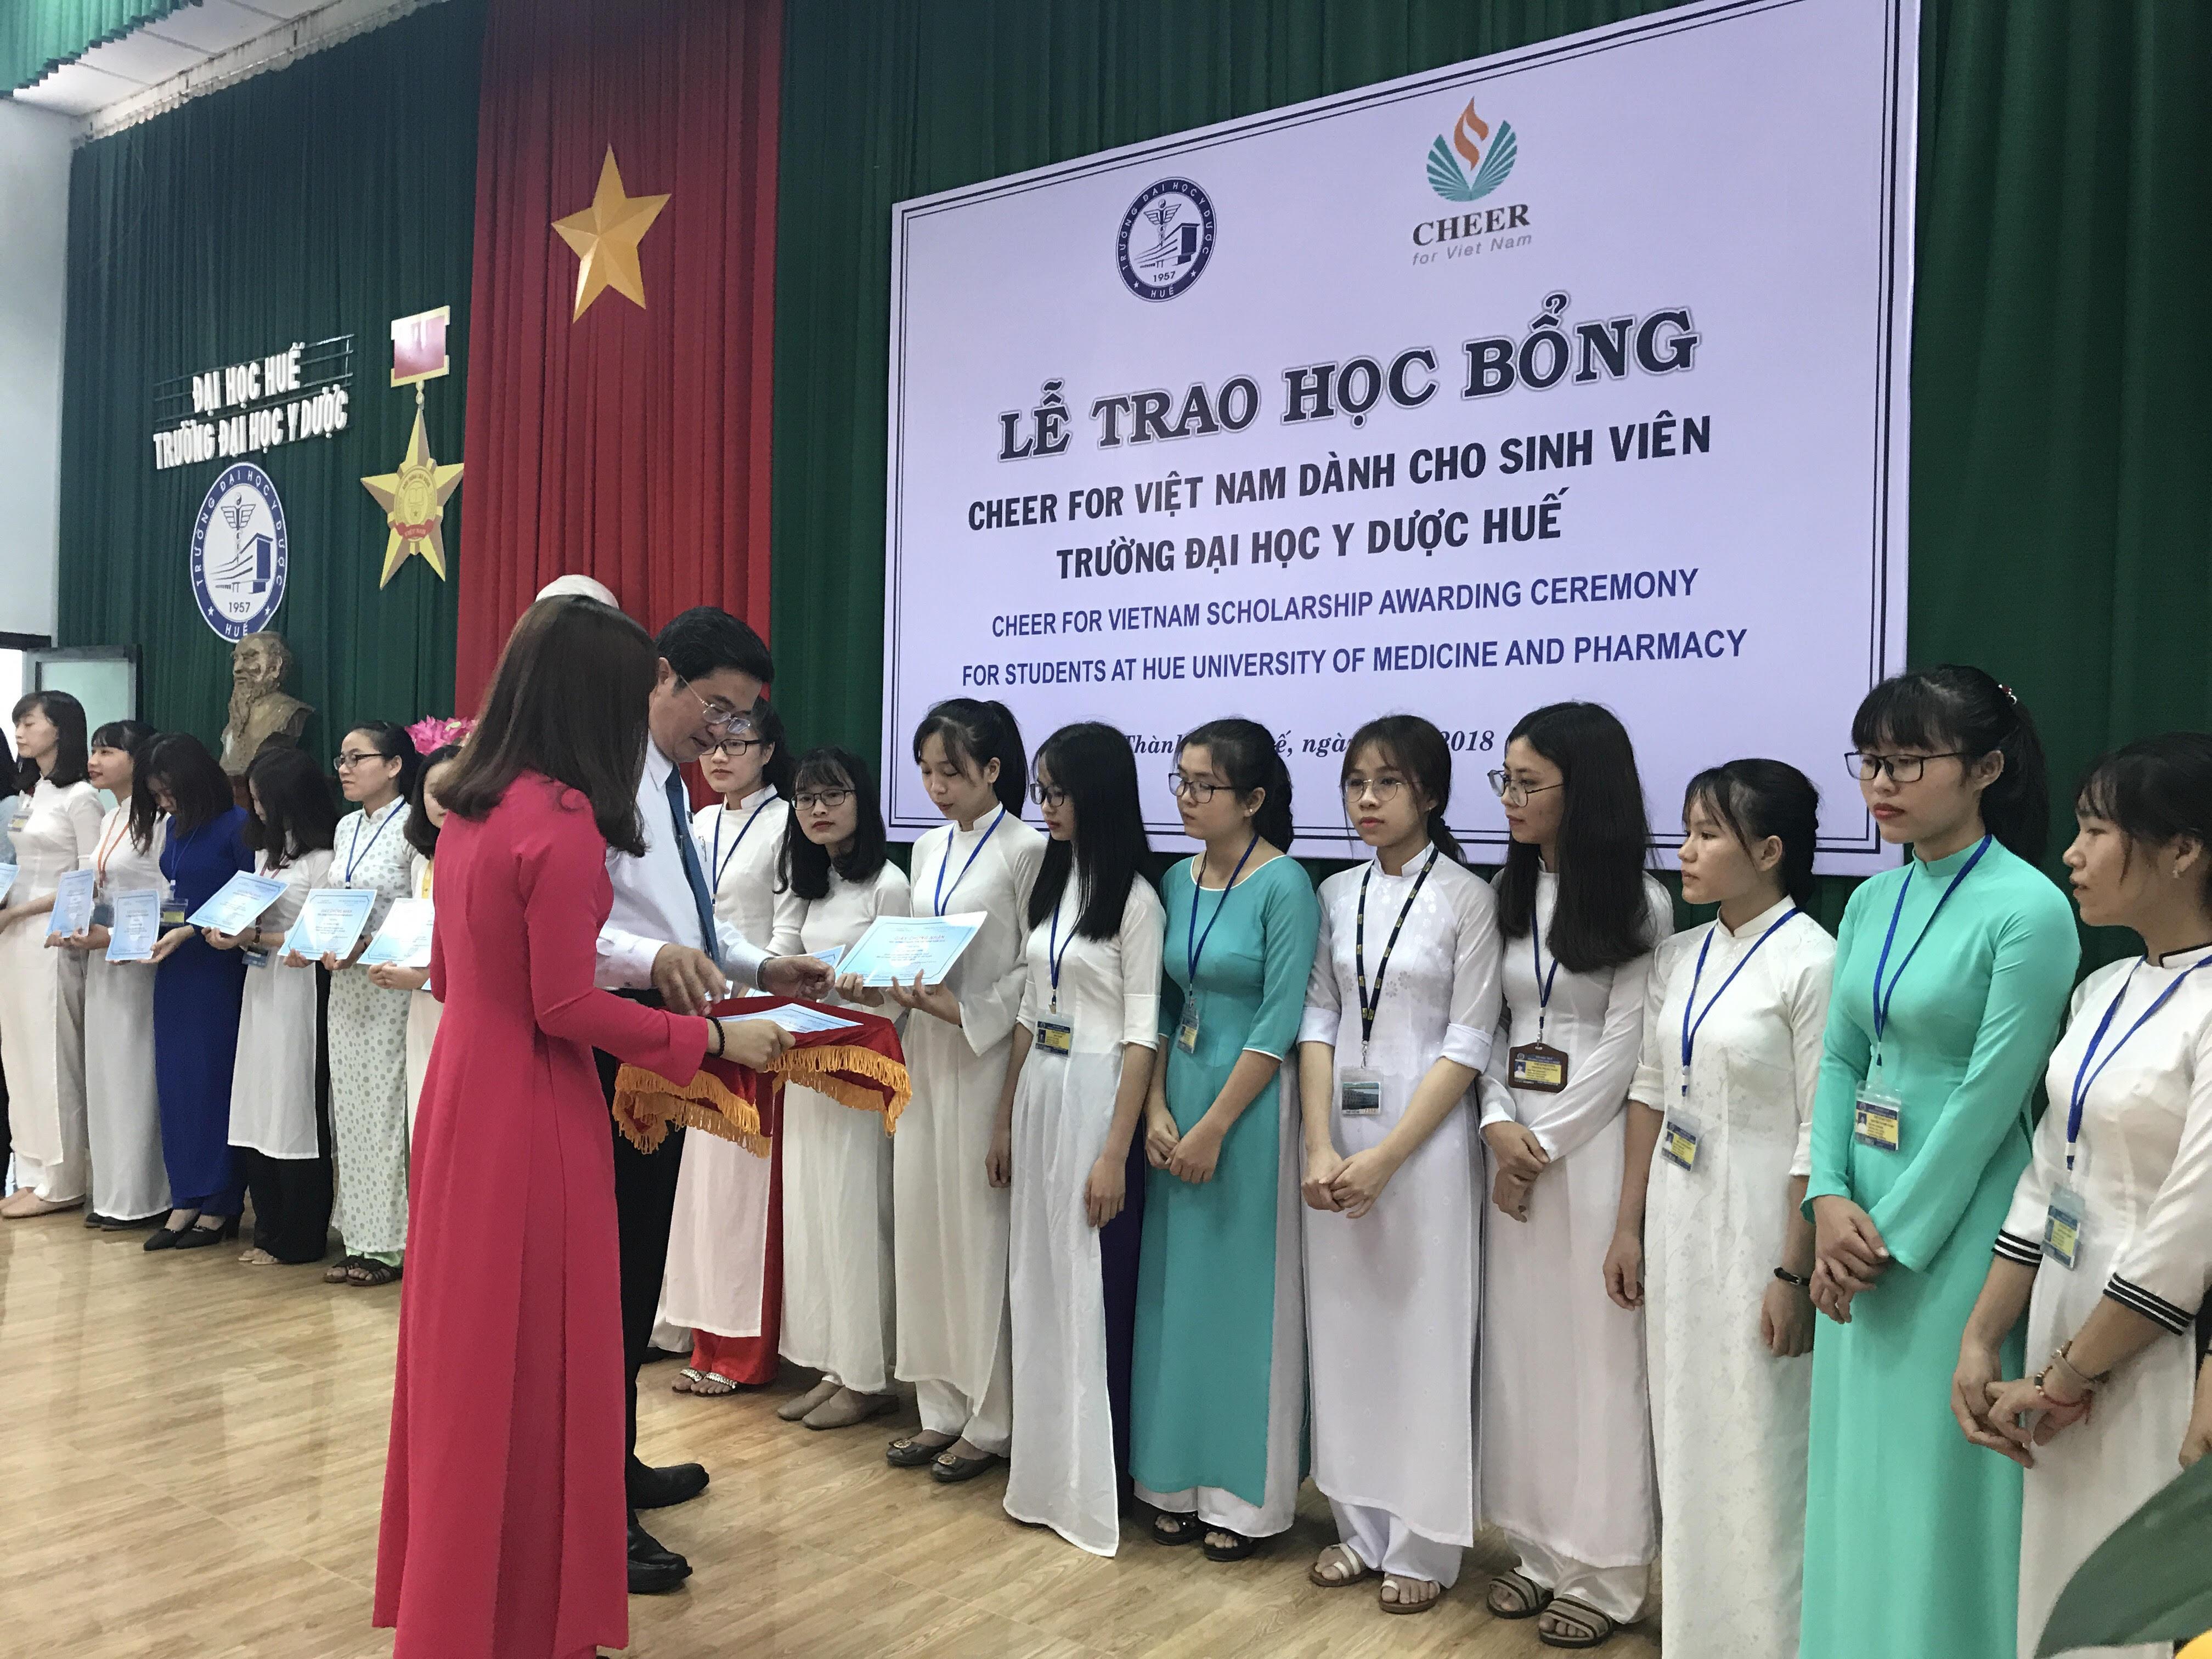 Lễ trao học bổng Cheers for Việt Nam cho sinh viên Y và Điều dưỡng